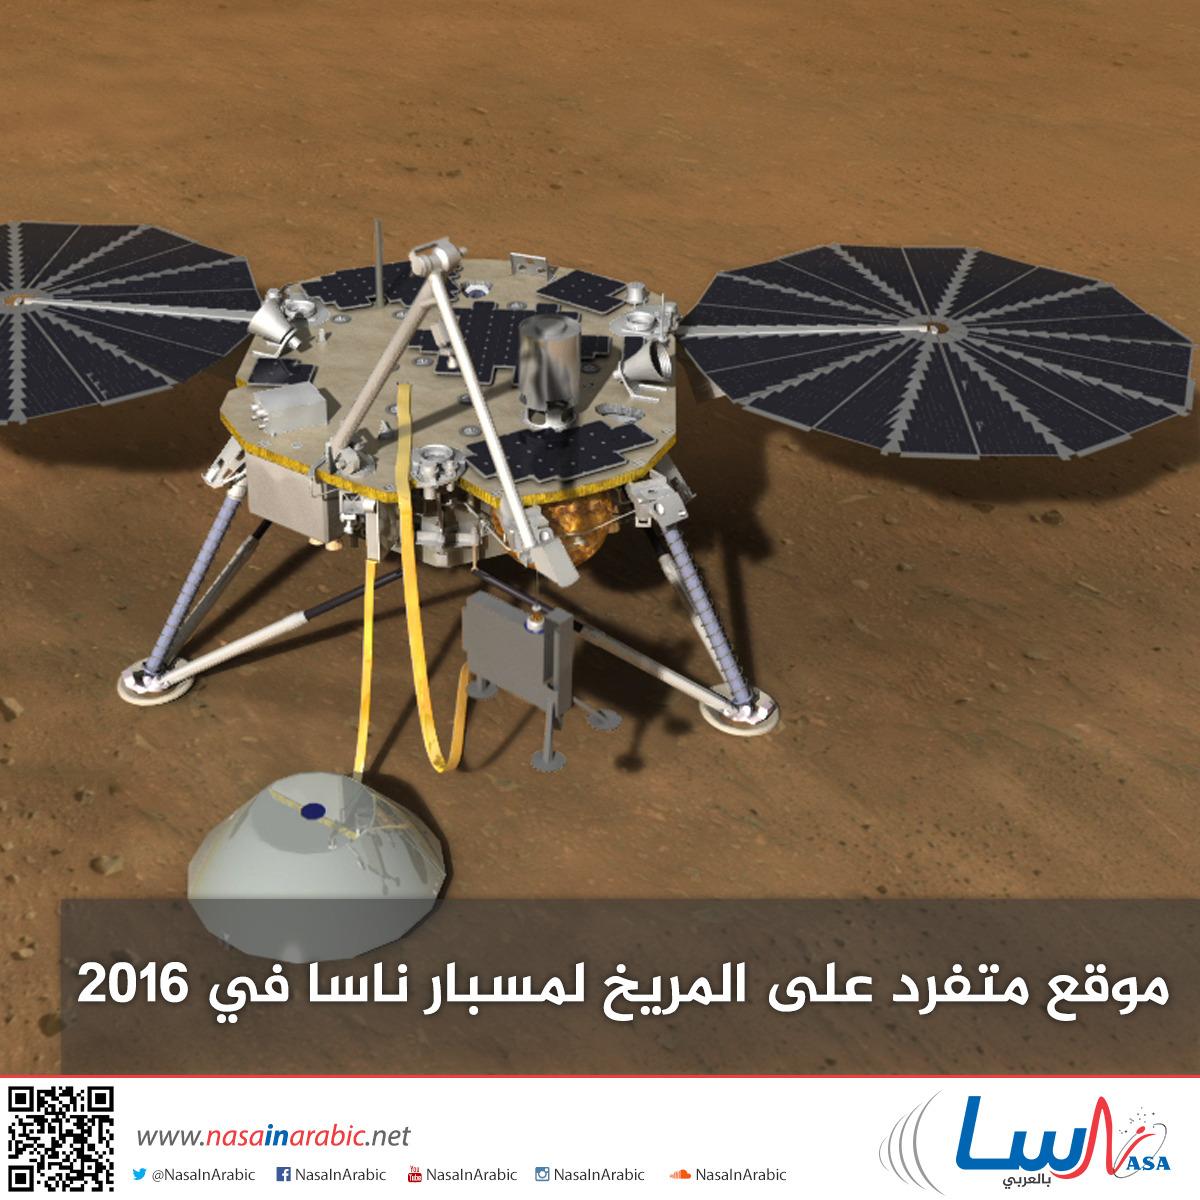 موقع متفرد على المريخ لمسبار ناسا في 2016